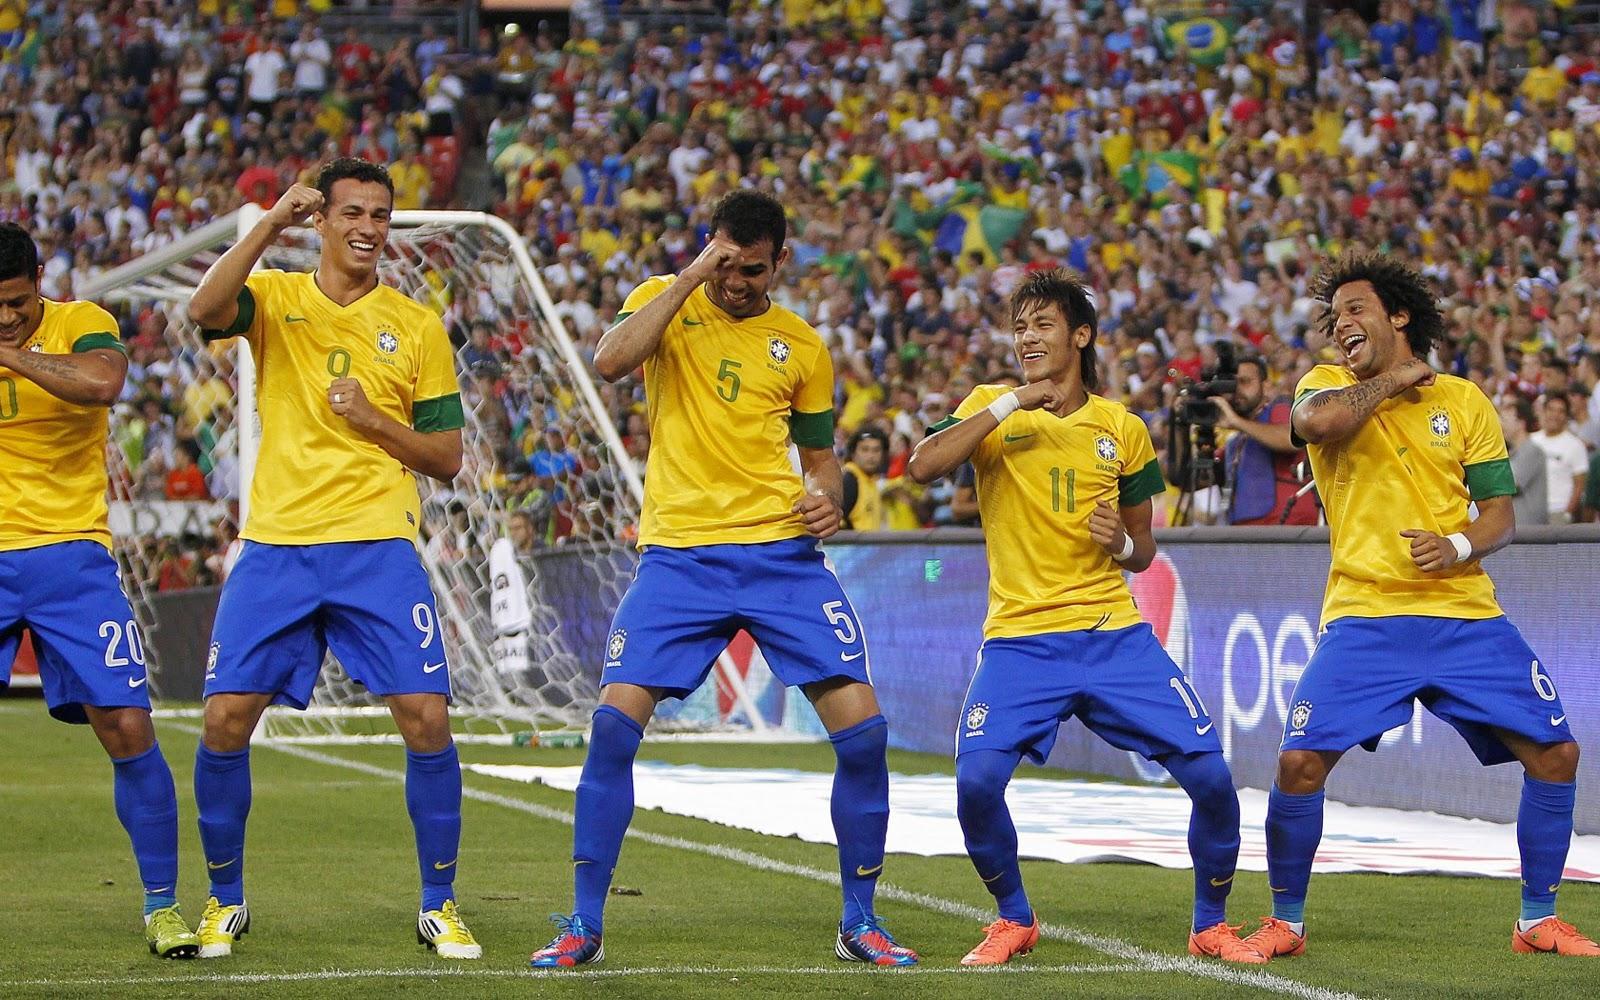 https://2.bp.blogspot.com/-HsL2TbZNJ5g/U6bvVUSc9oI/AAAAAAAAZ3M/ZLO1t6_g0GY/s1600/The-Brazil-National-Football-Team-HD-WideScreen.jpg